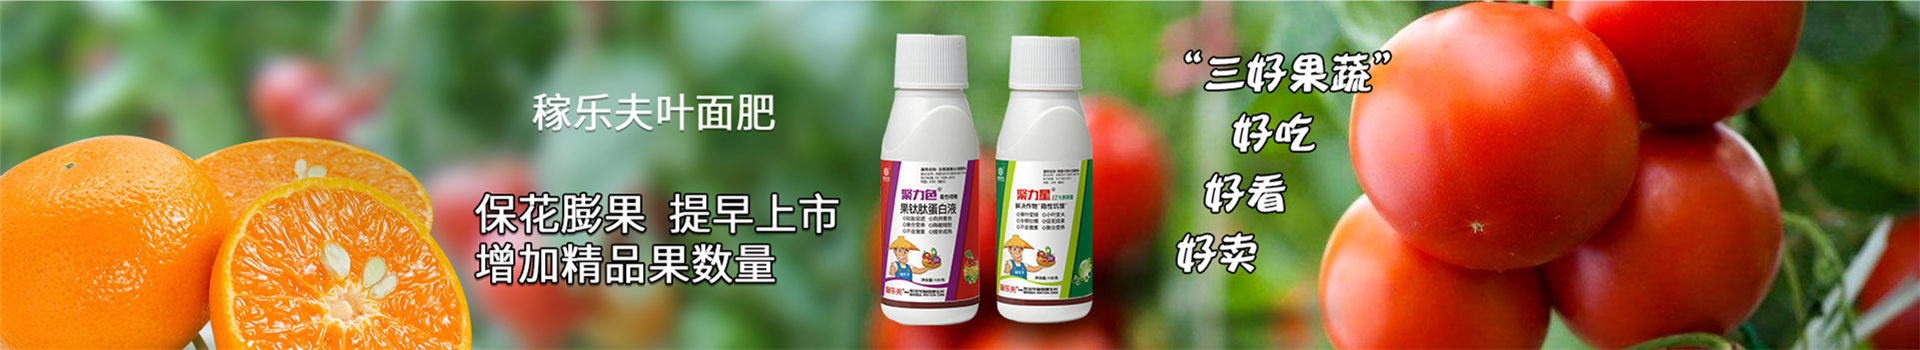 叶面肥系列产品,稼乐夫水溶肥